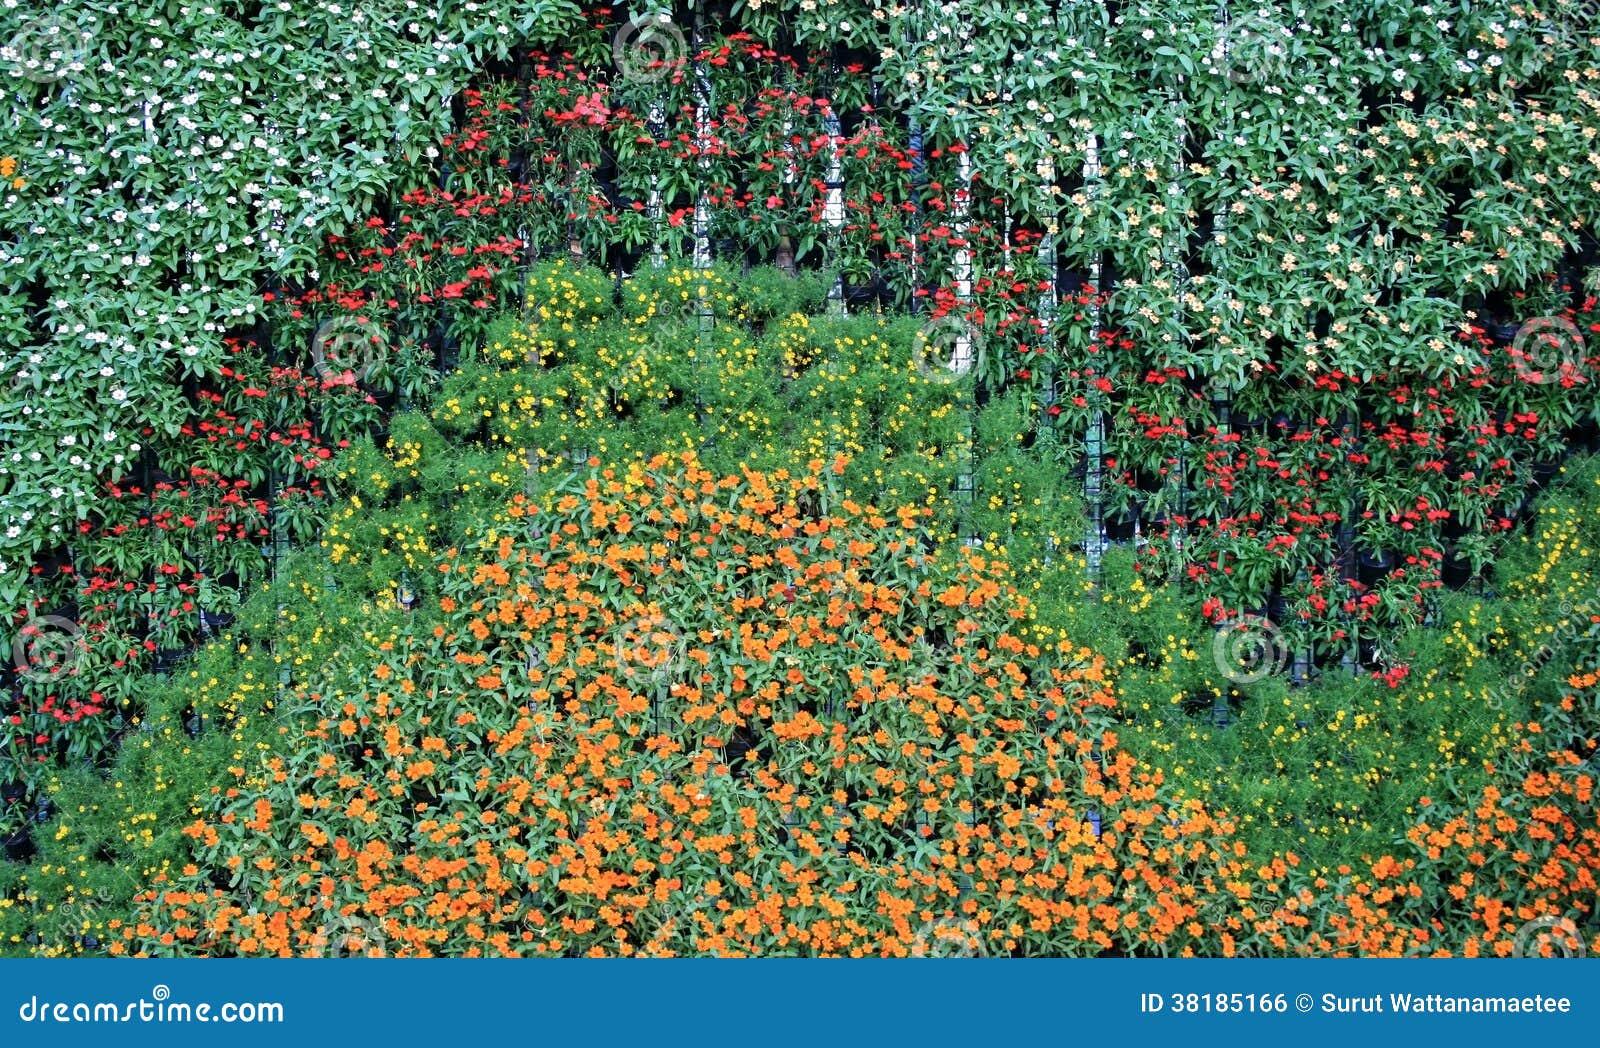 New york city unveils aids memorial video joe my god for Flower wall garden